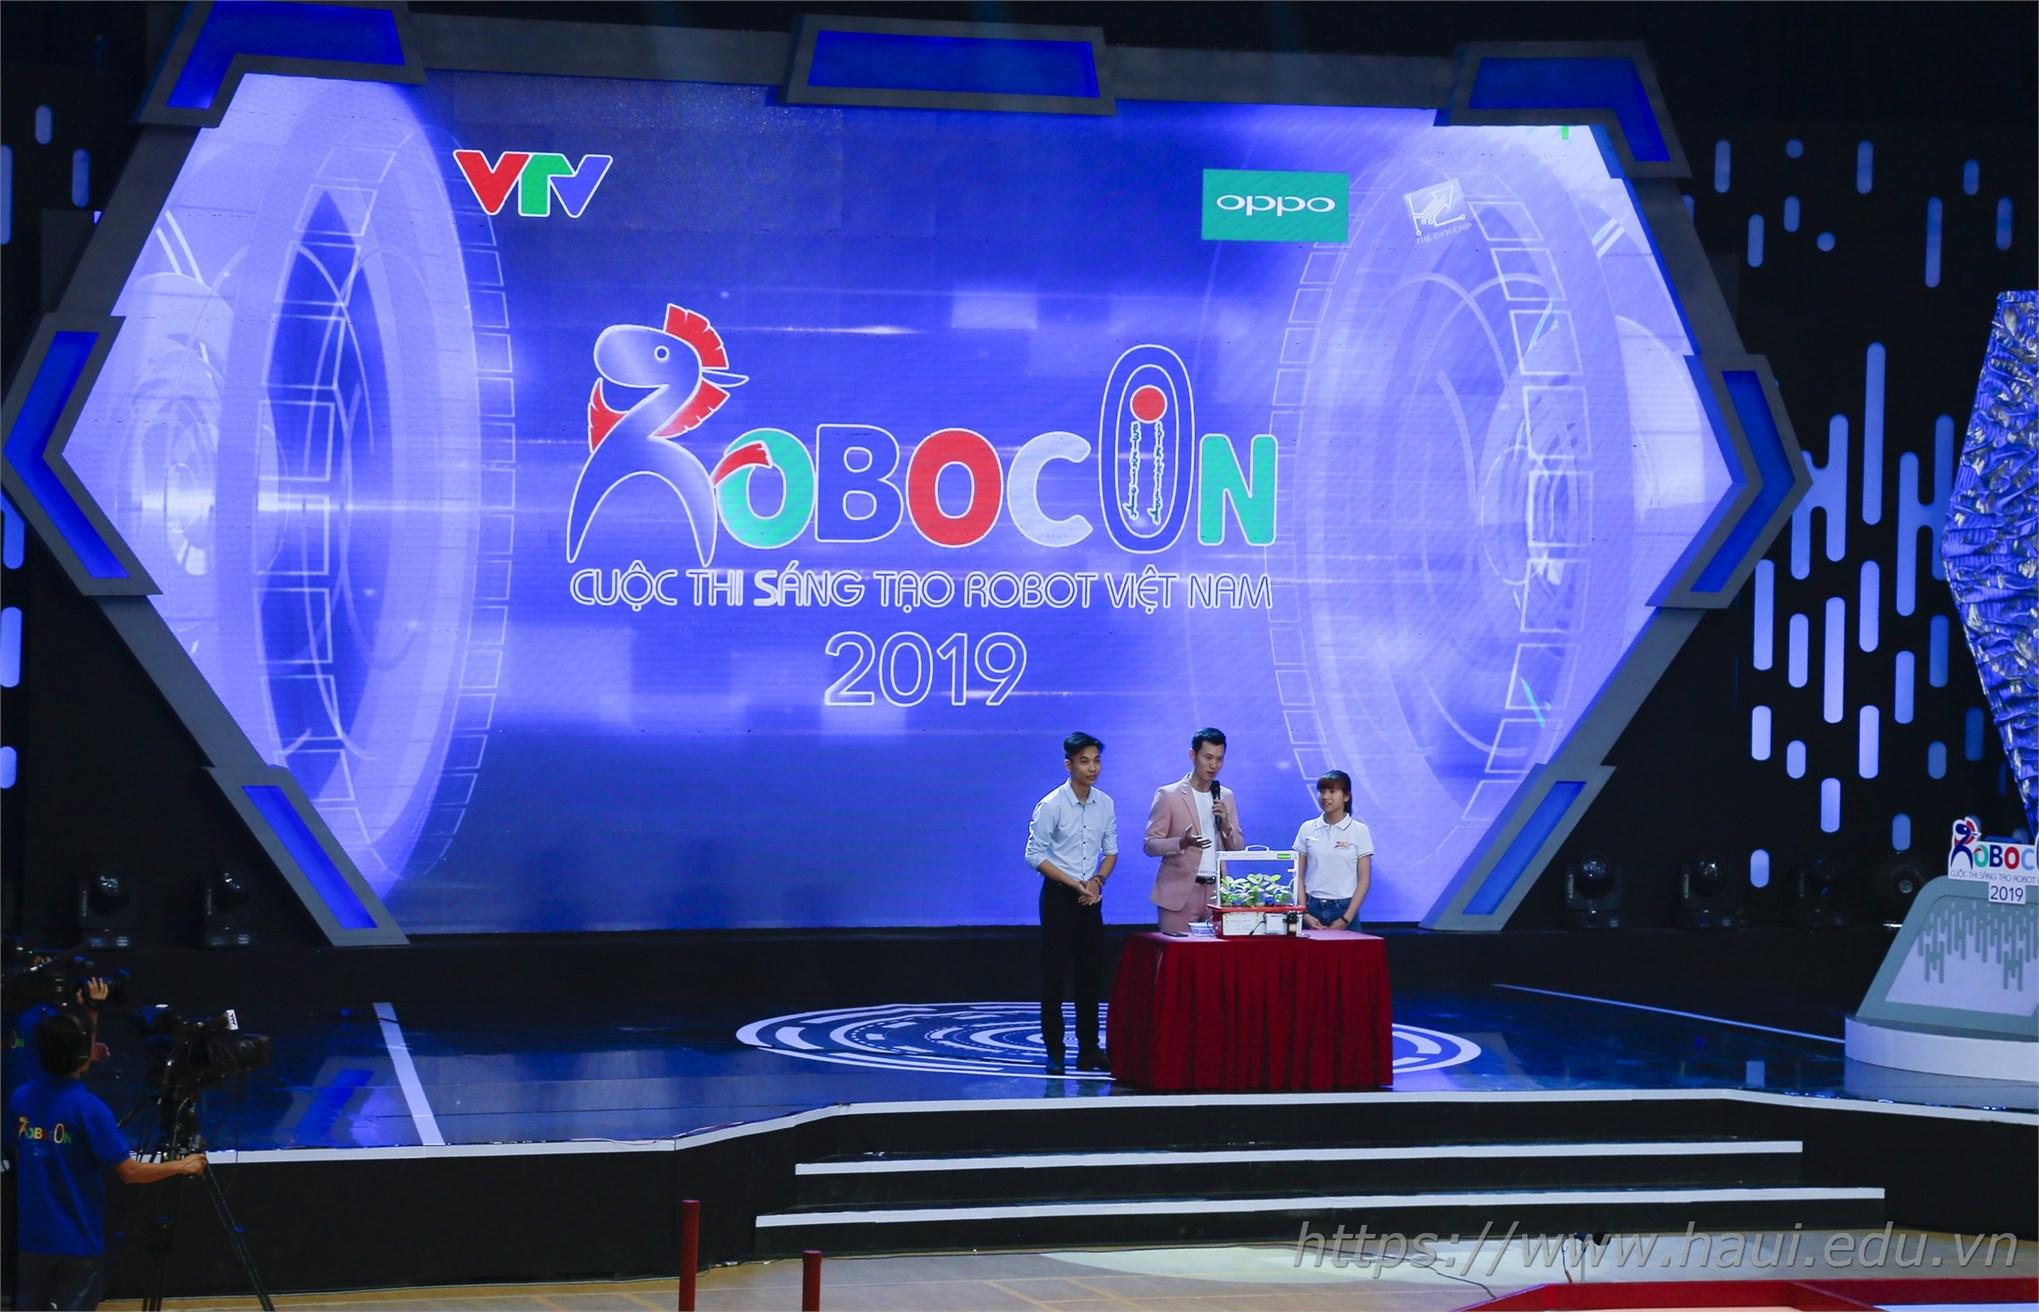 Đề tài được mời trình bày tại phần Techshow - cuộc thi Robocon Việt Nam năm 2019